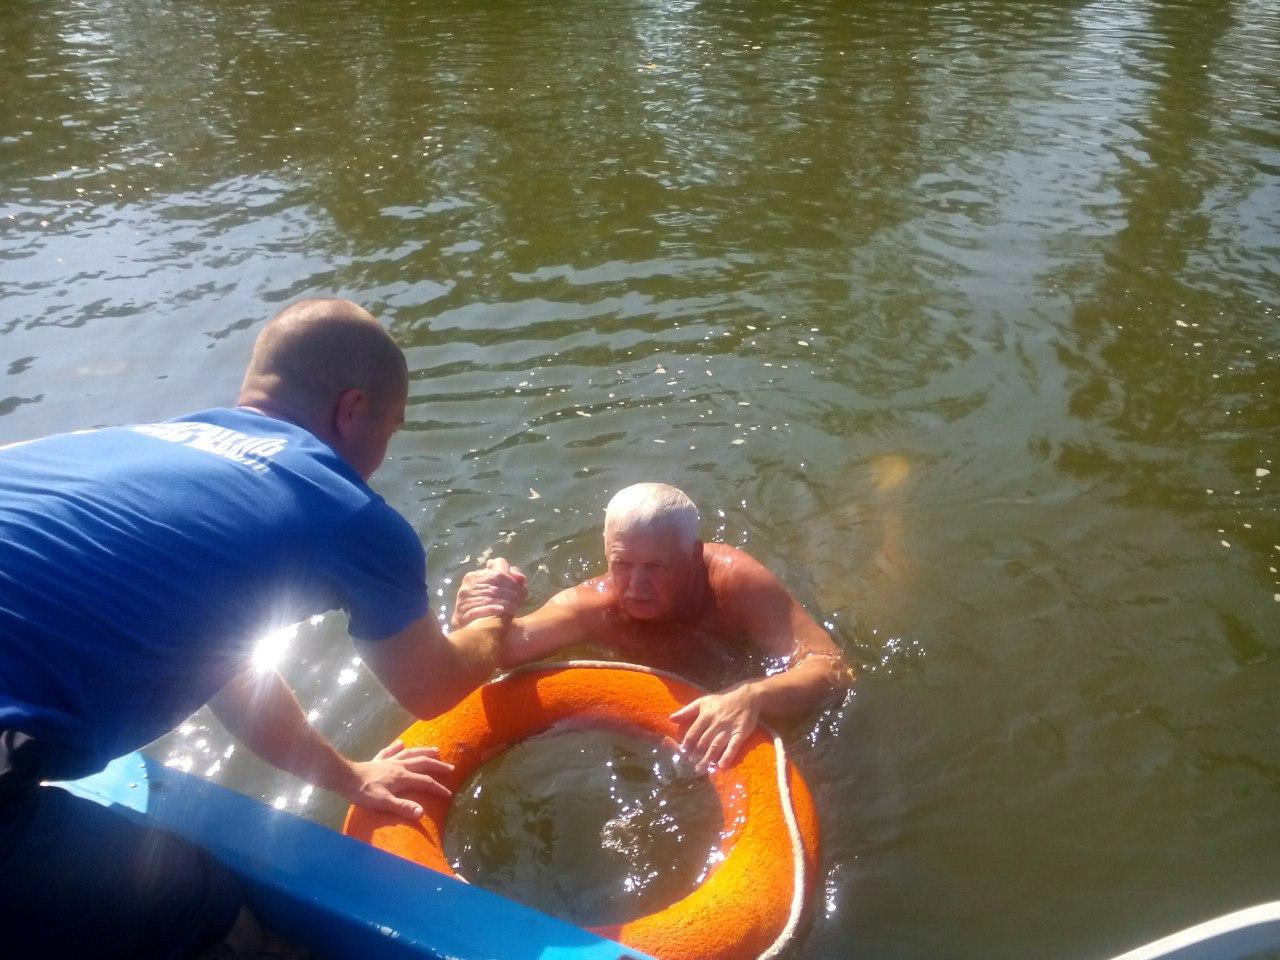 Бдительность спасателей Ростовской области спасла 3 жизни